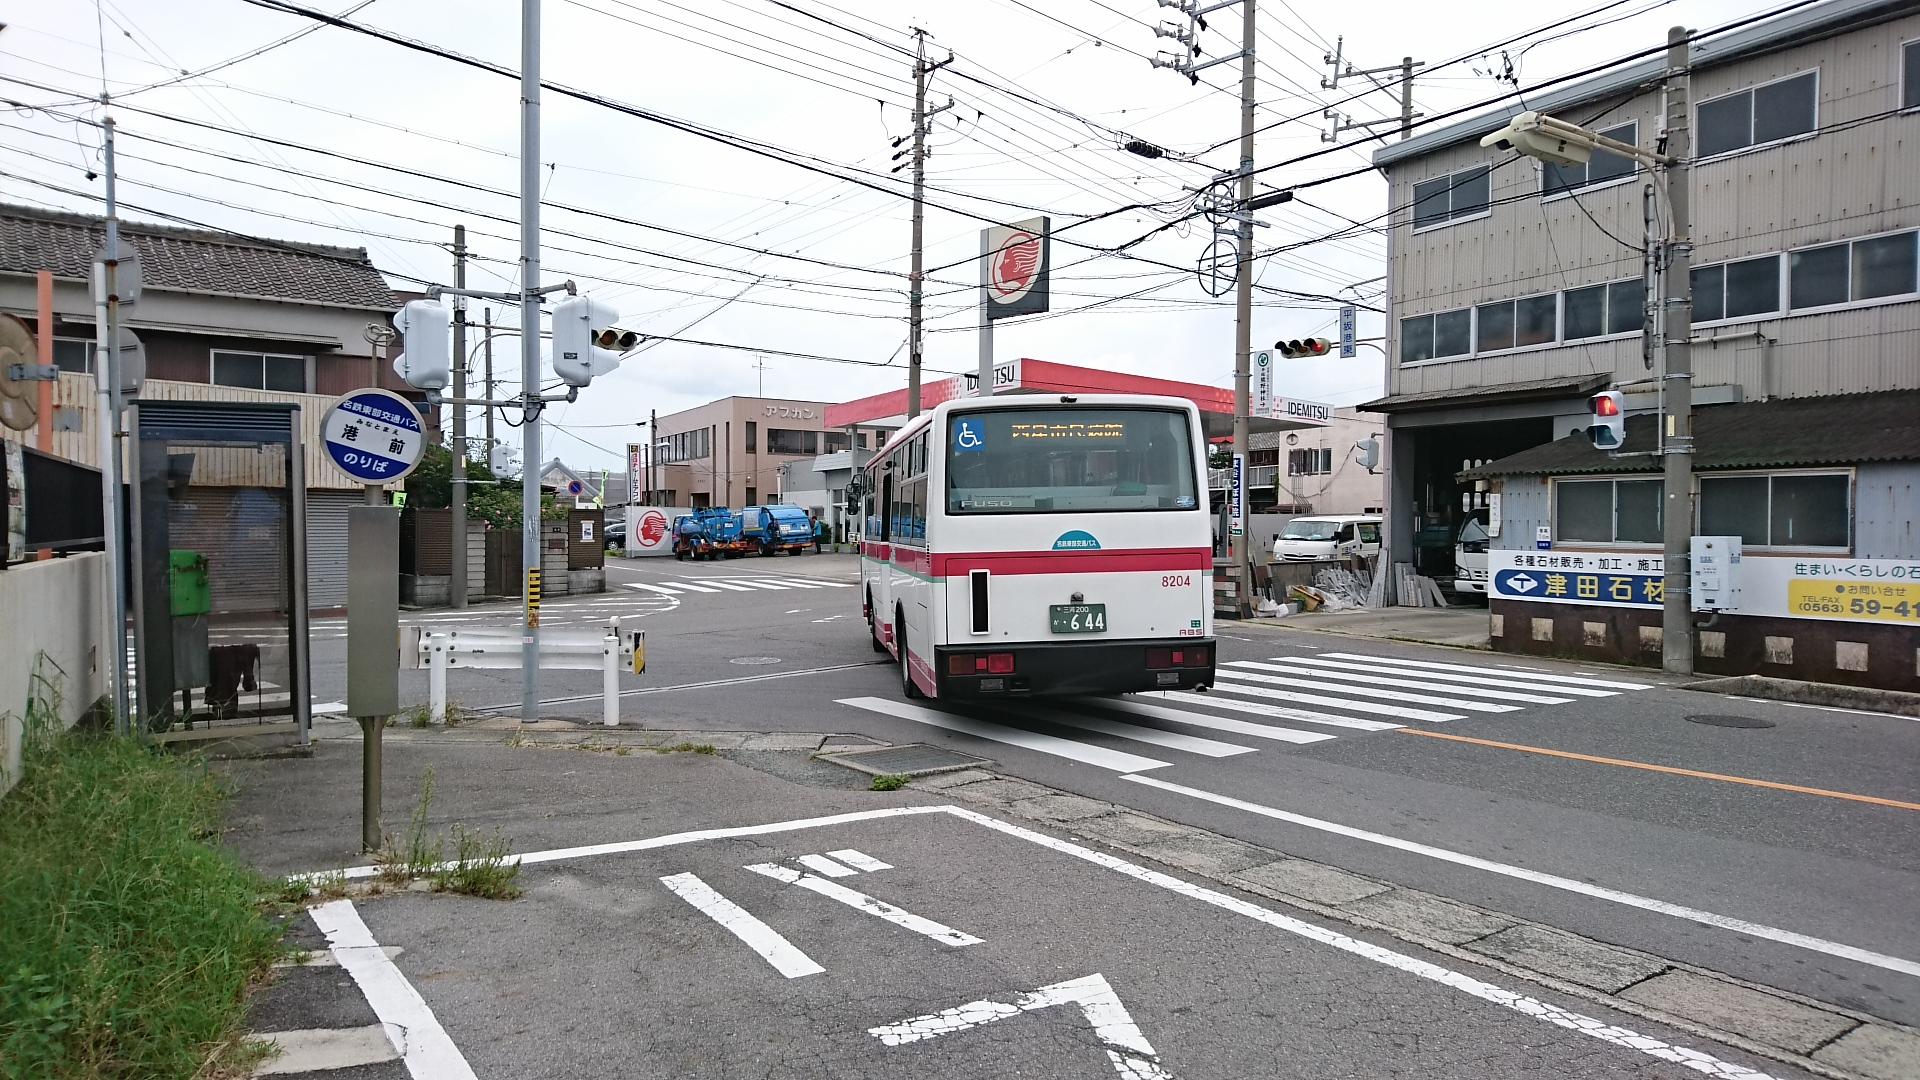 2017.9.27 平坂 (48) 港前バス停 - 平坂・中畑線バス 1920-1080